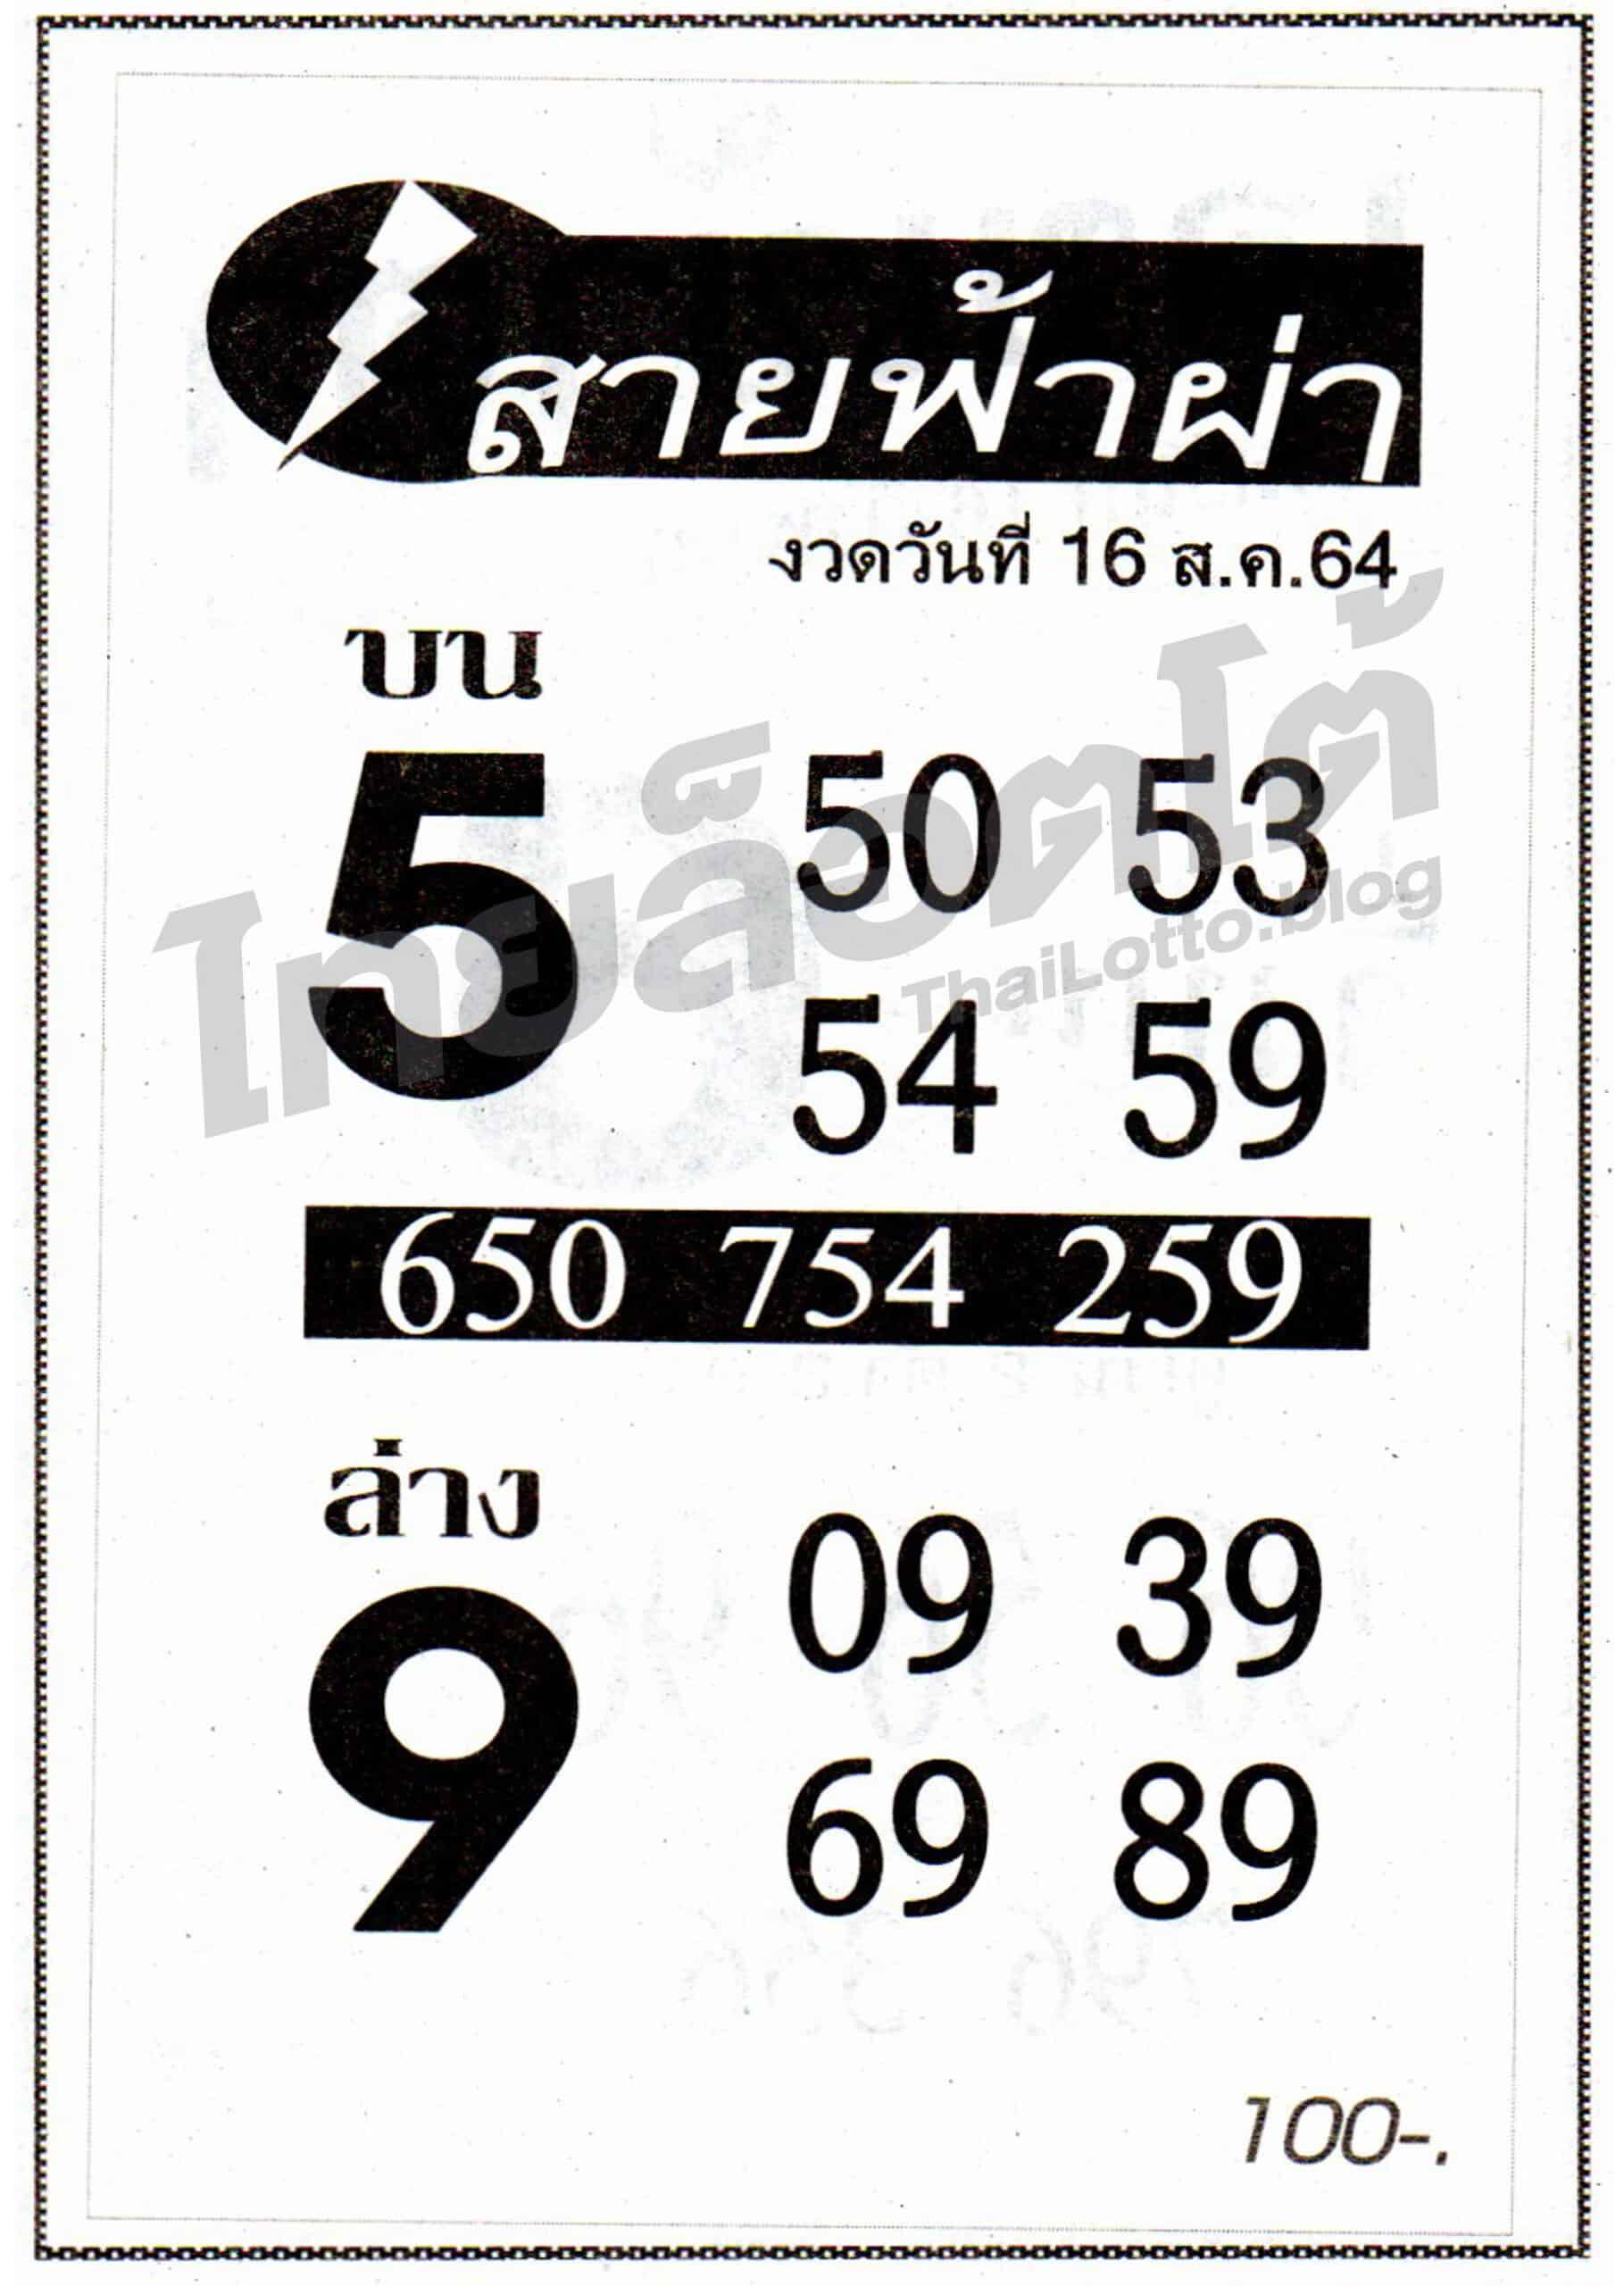 หวยซอง หวยสายฟ้าผ่า-160864